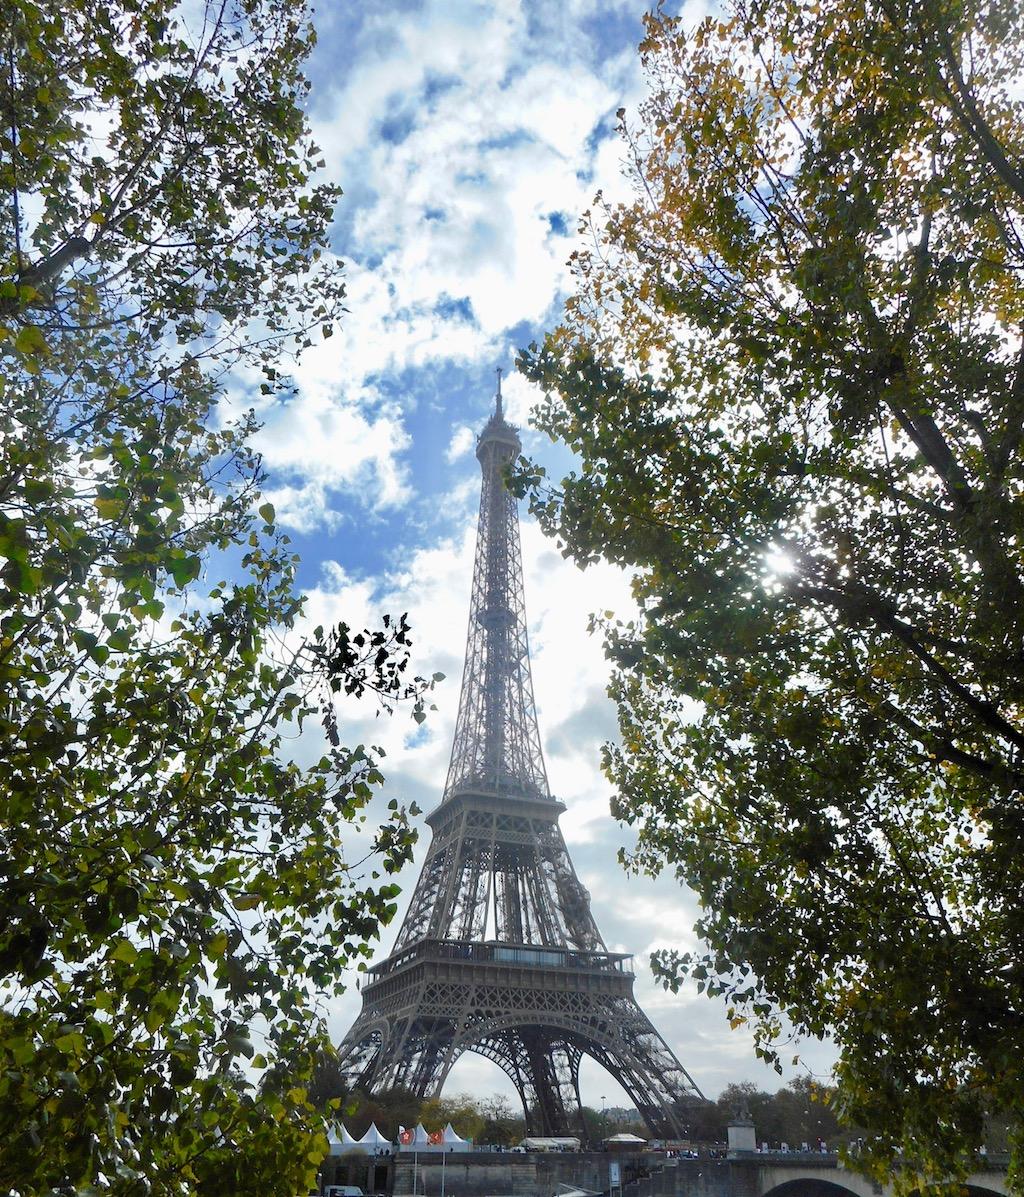 visiter-paris-bus-panoramique-open-tour-blog-voyage-beaute